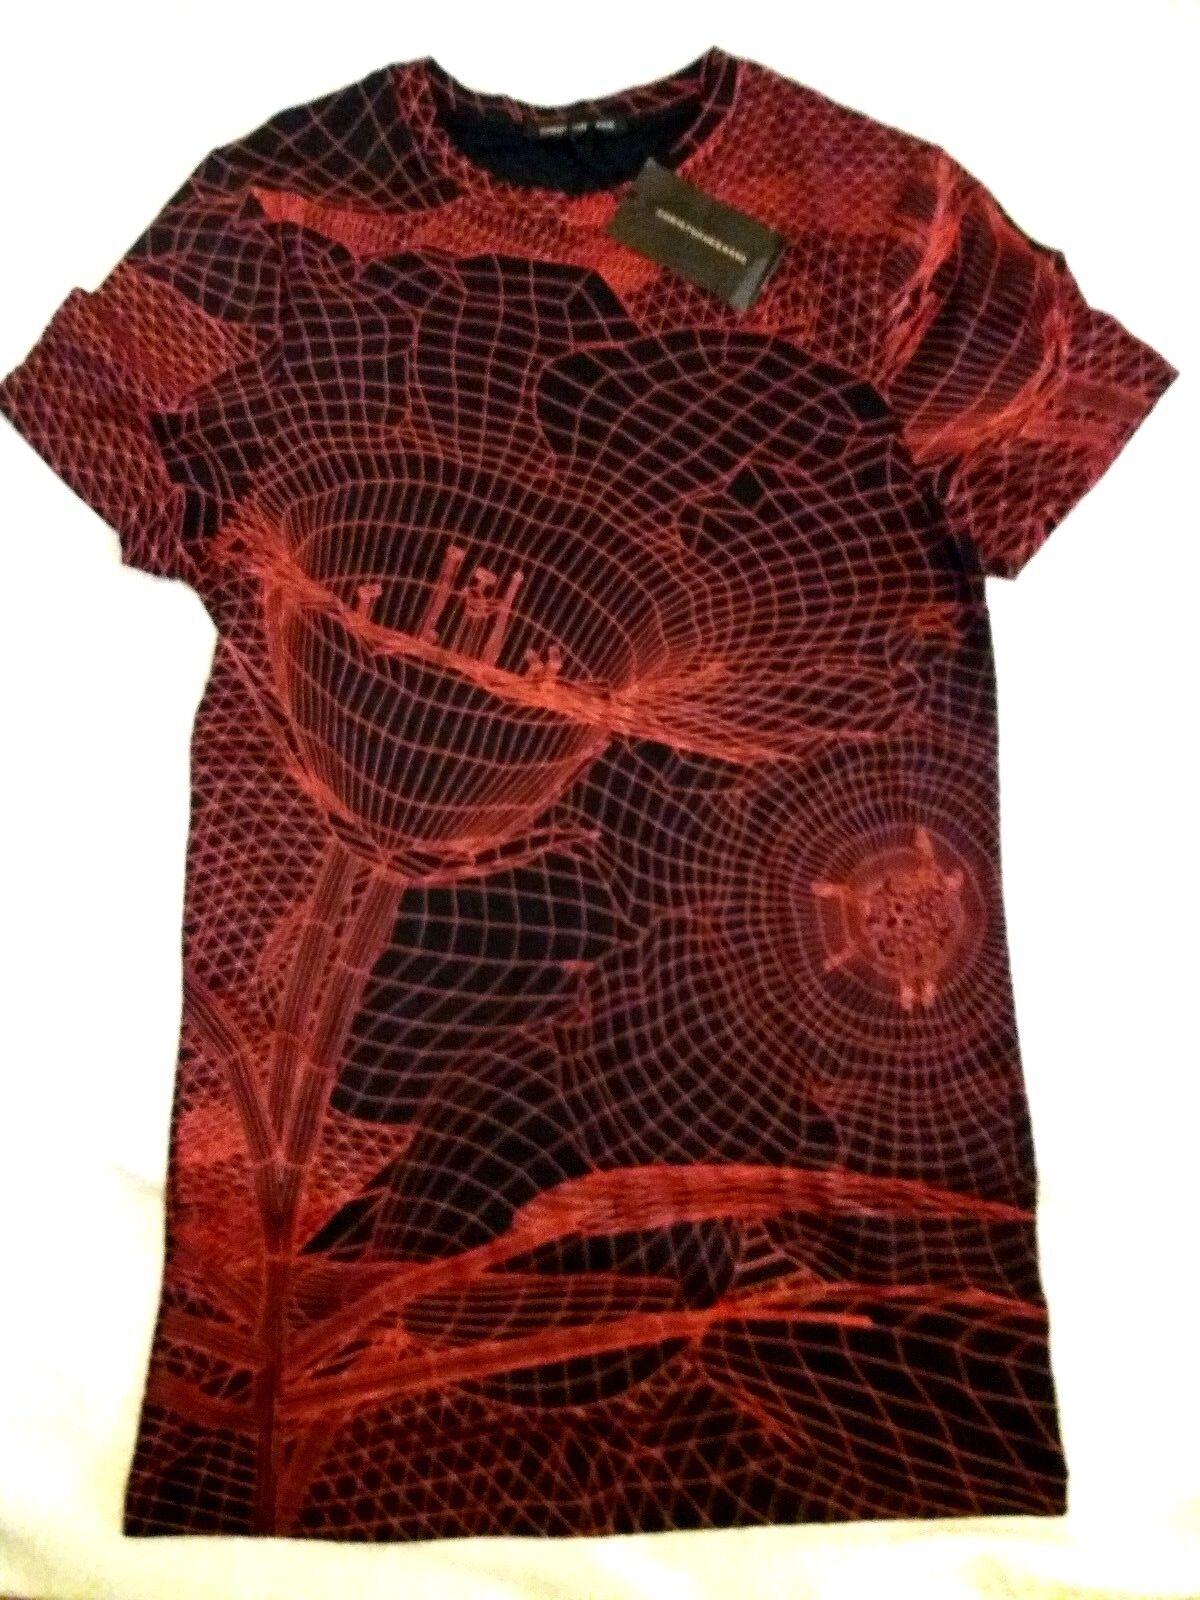 CHRISTOPHER KANE футболка размер S  новая с этикеткой